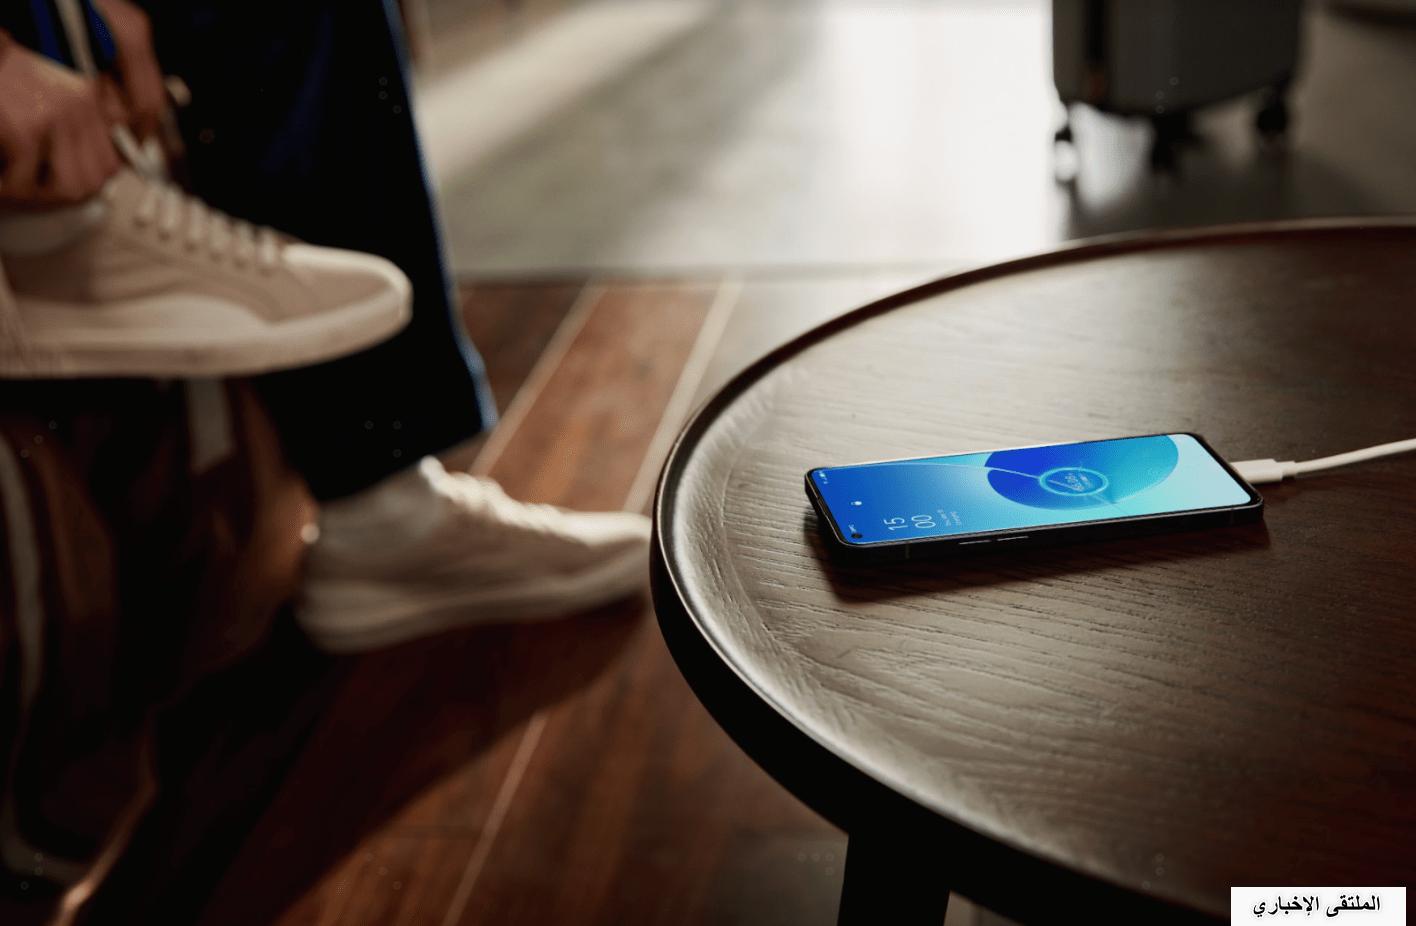 شاهد: تقنية VOOC Flash Charging من OPPO تؤسس لمرحلة جديدة في صناعة الهواتف الذكية